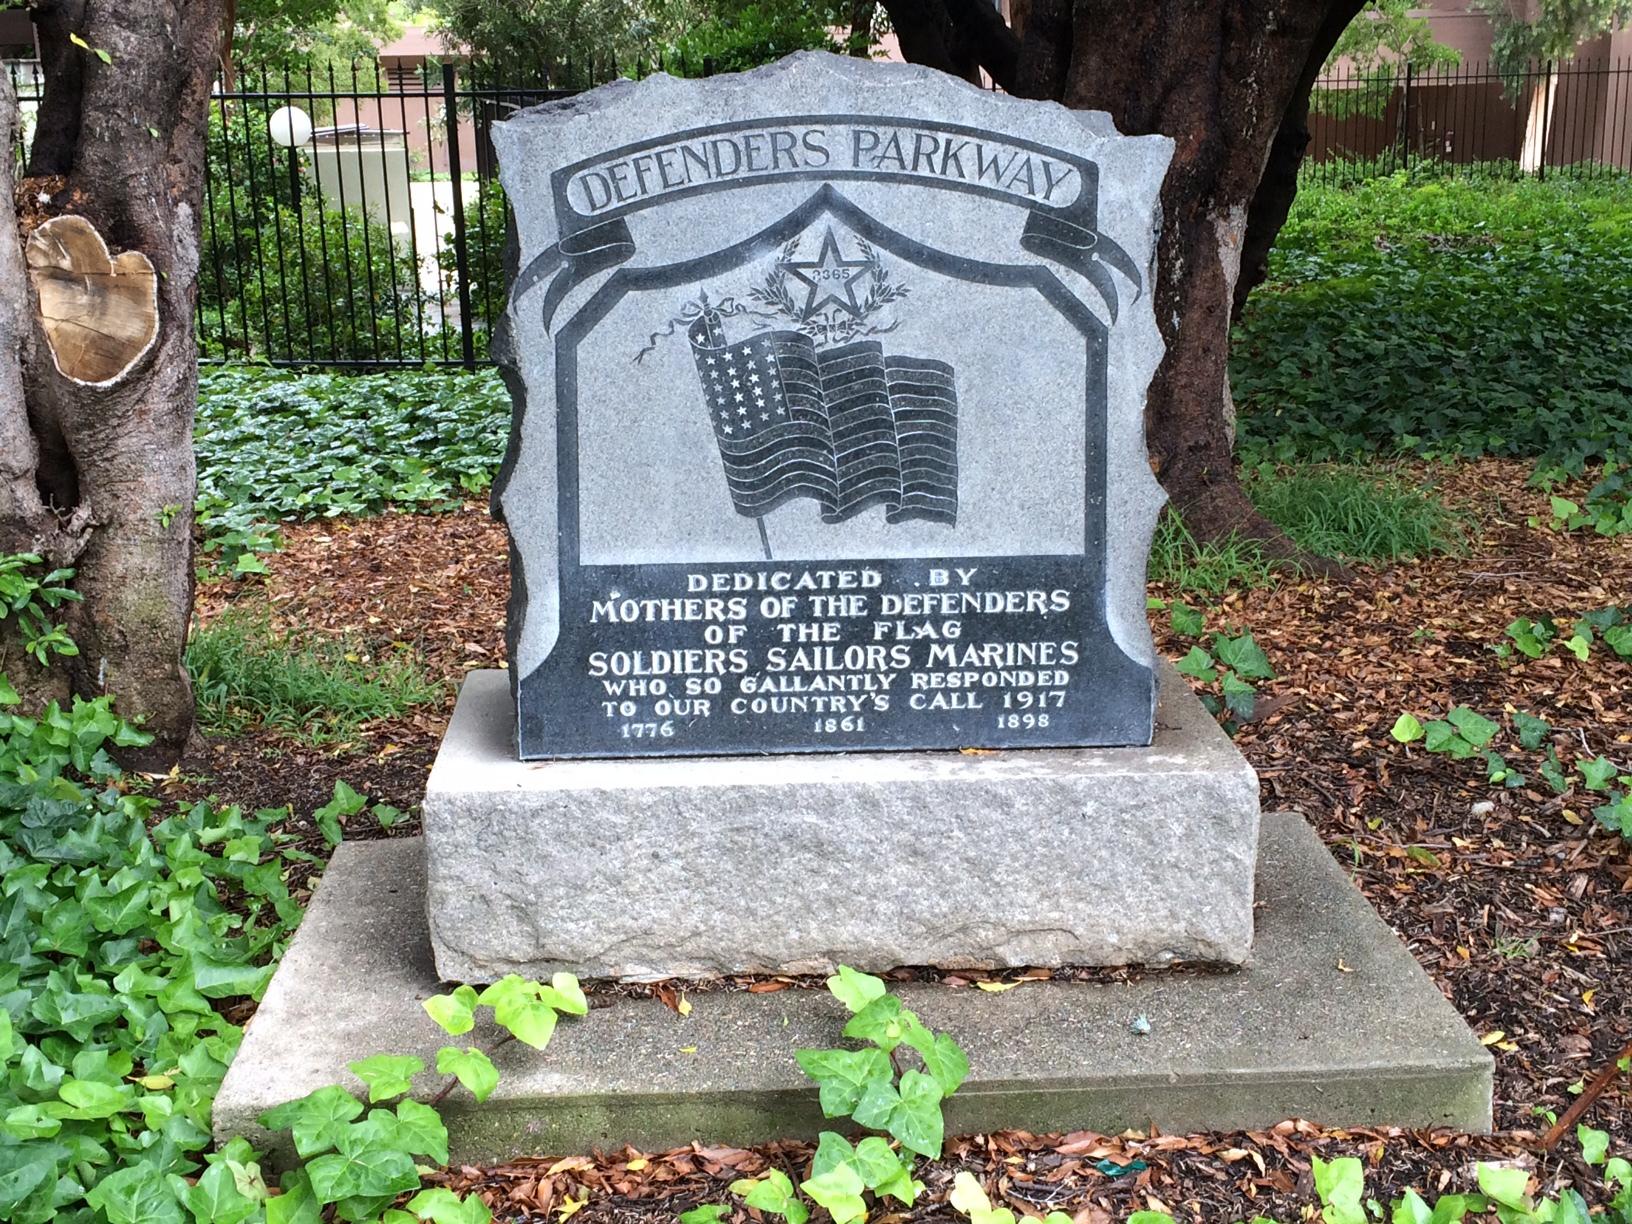 Defenders Parkway War Memorial (CA)